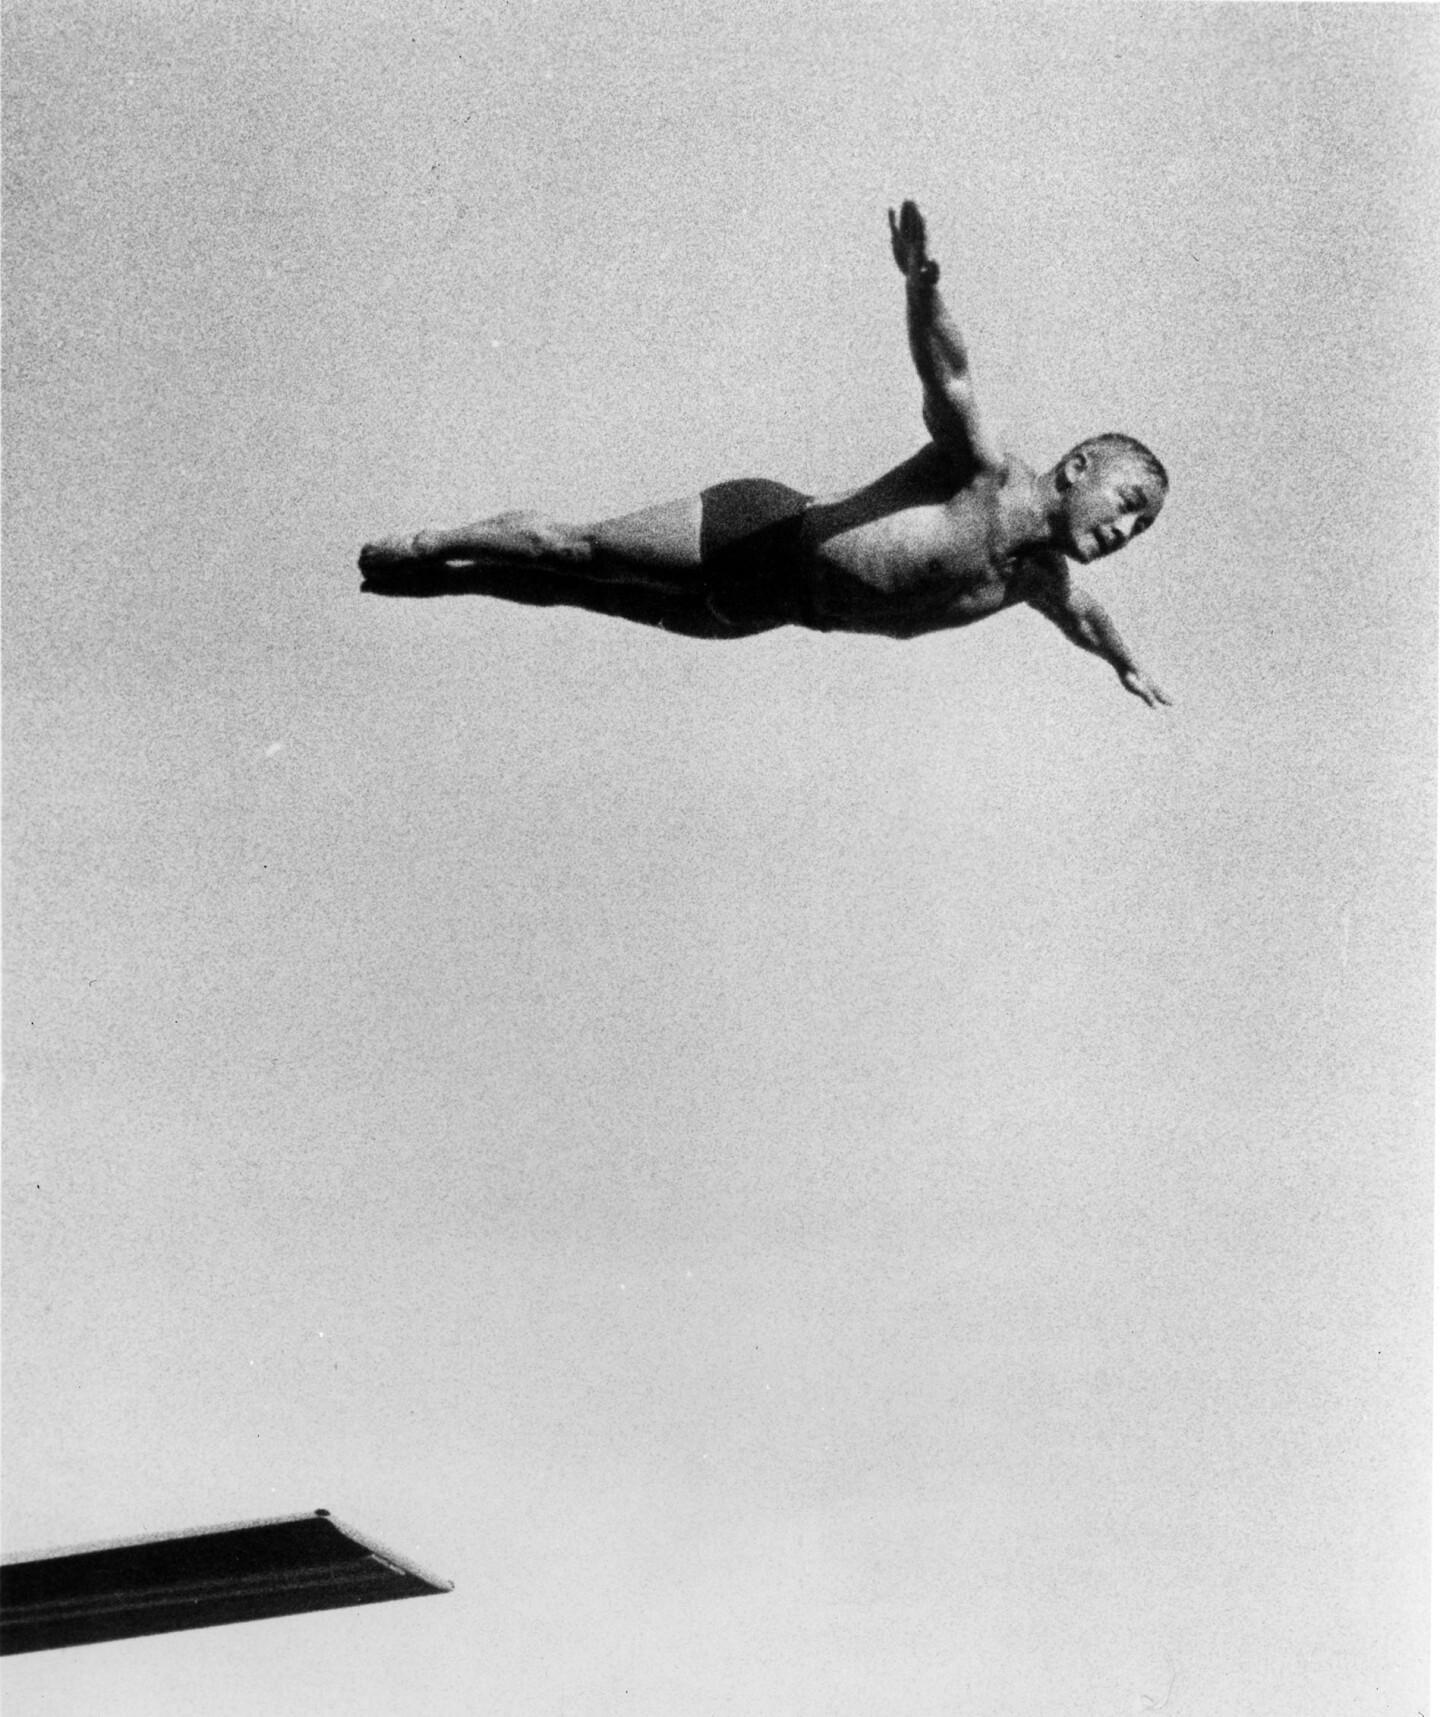 Sammy Lee diving